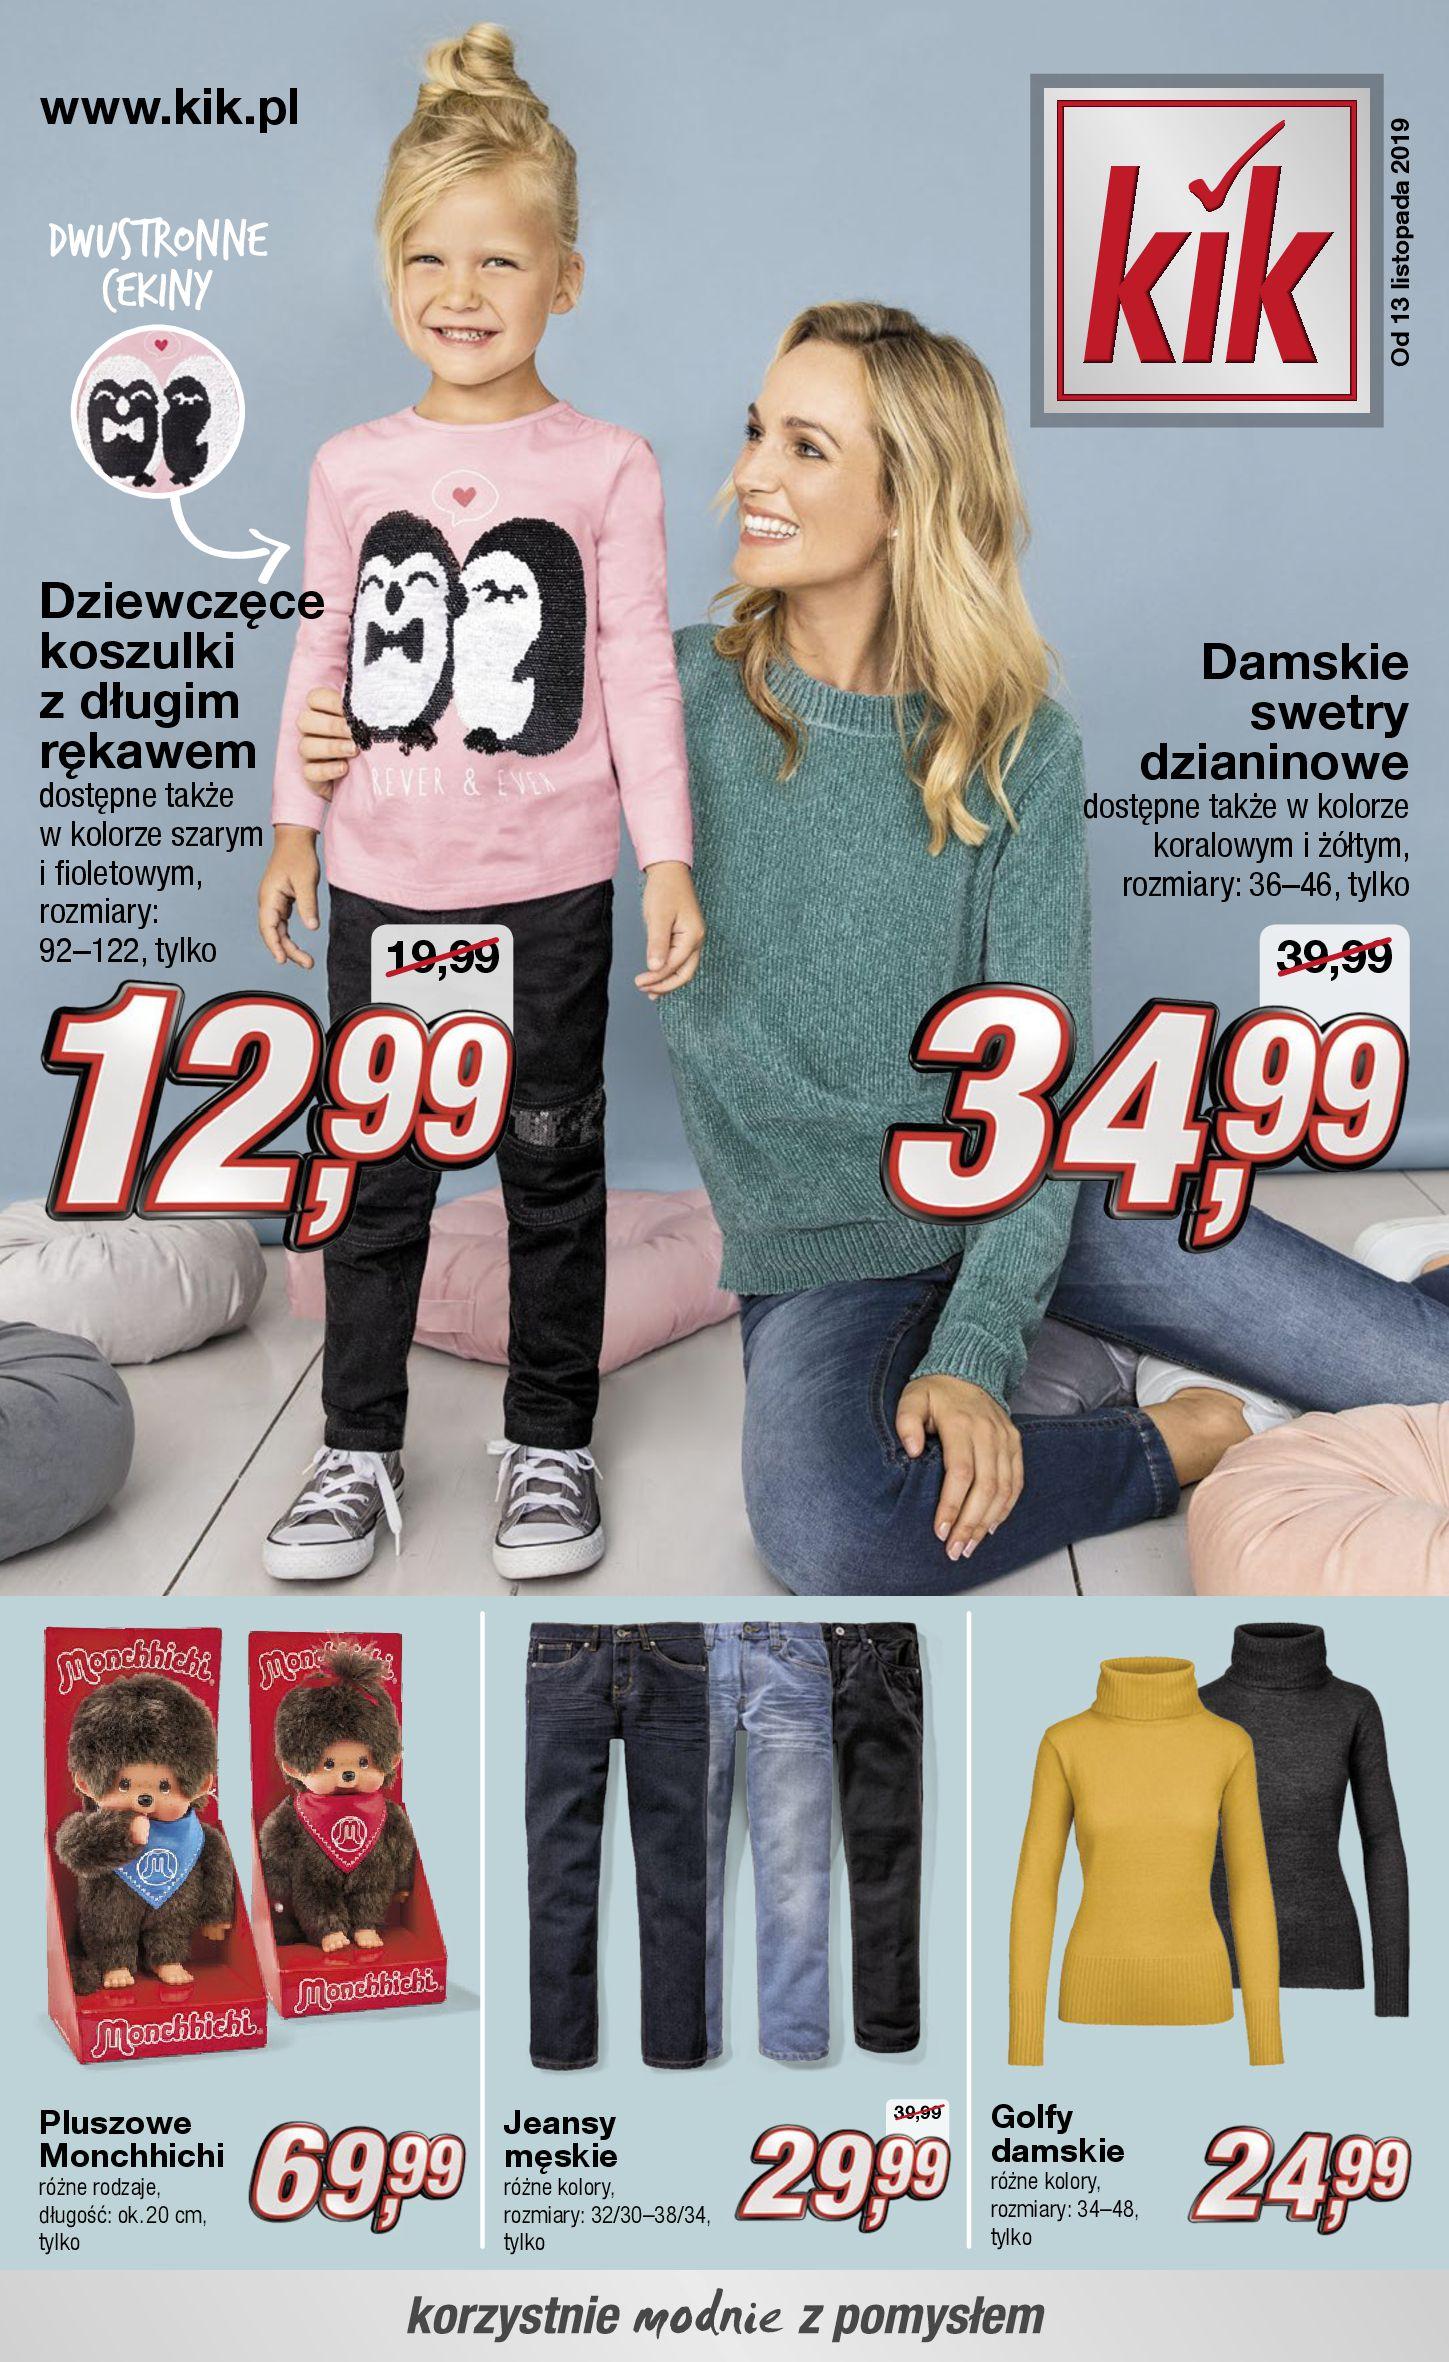 Gazetka KiK - Oferta na odzież i dekoracje-12.11.2019-13.12.2019-page-1